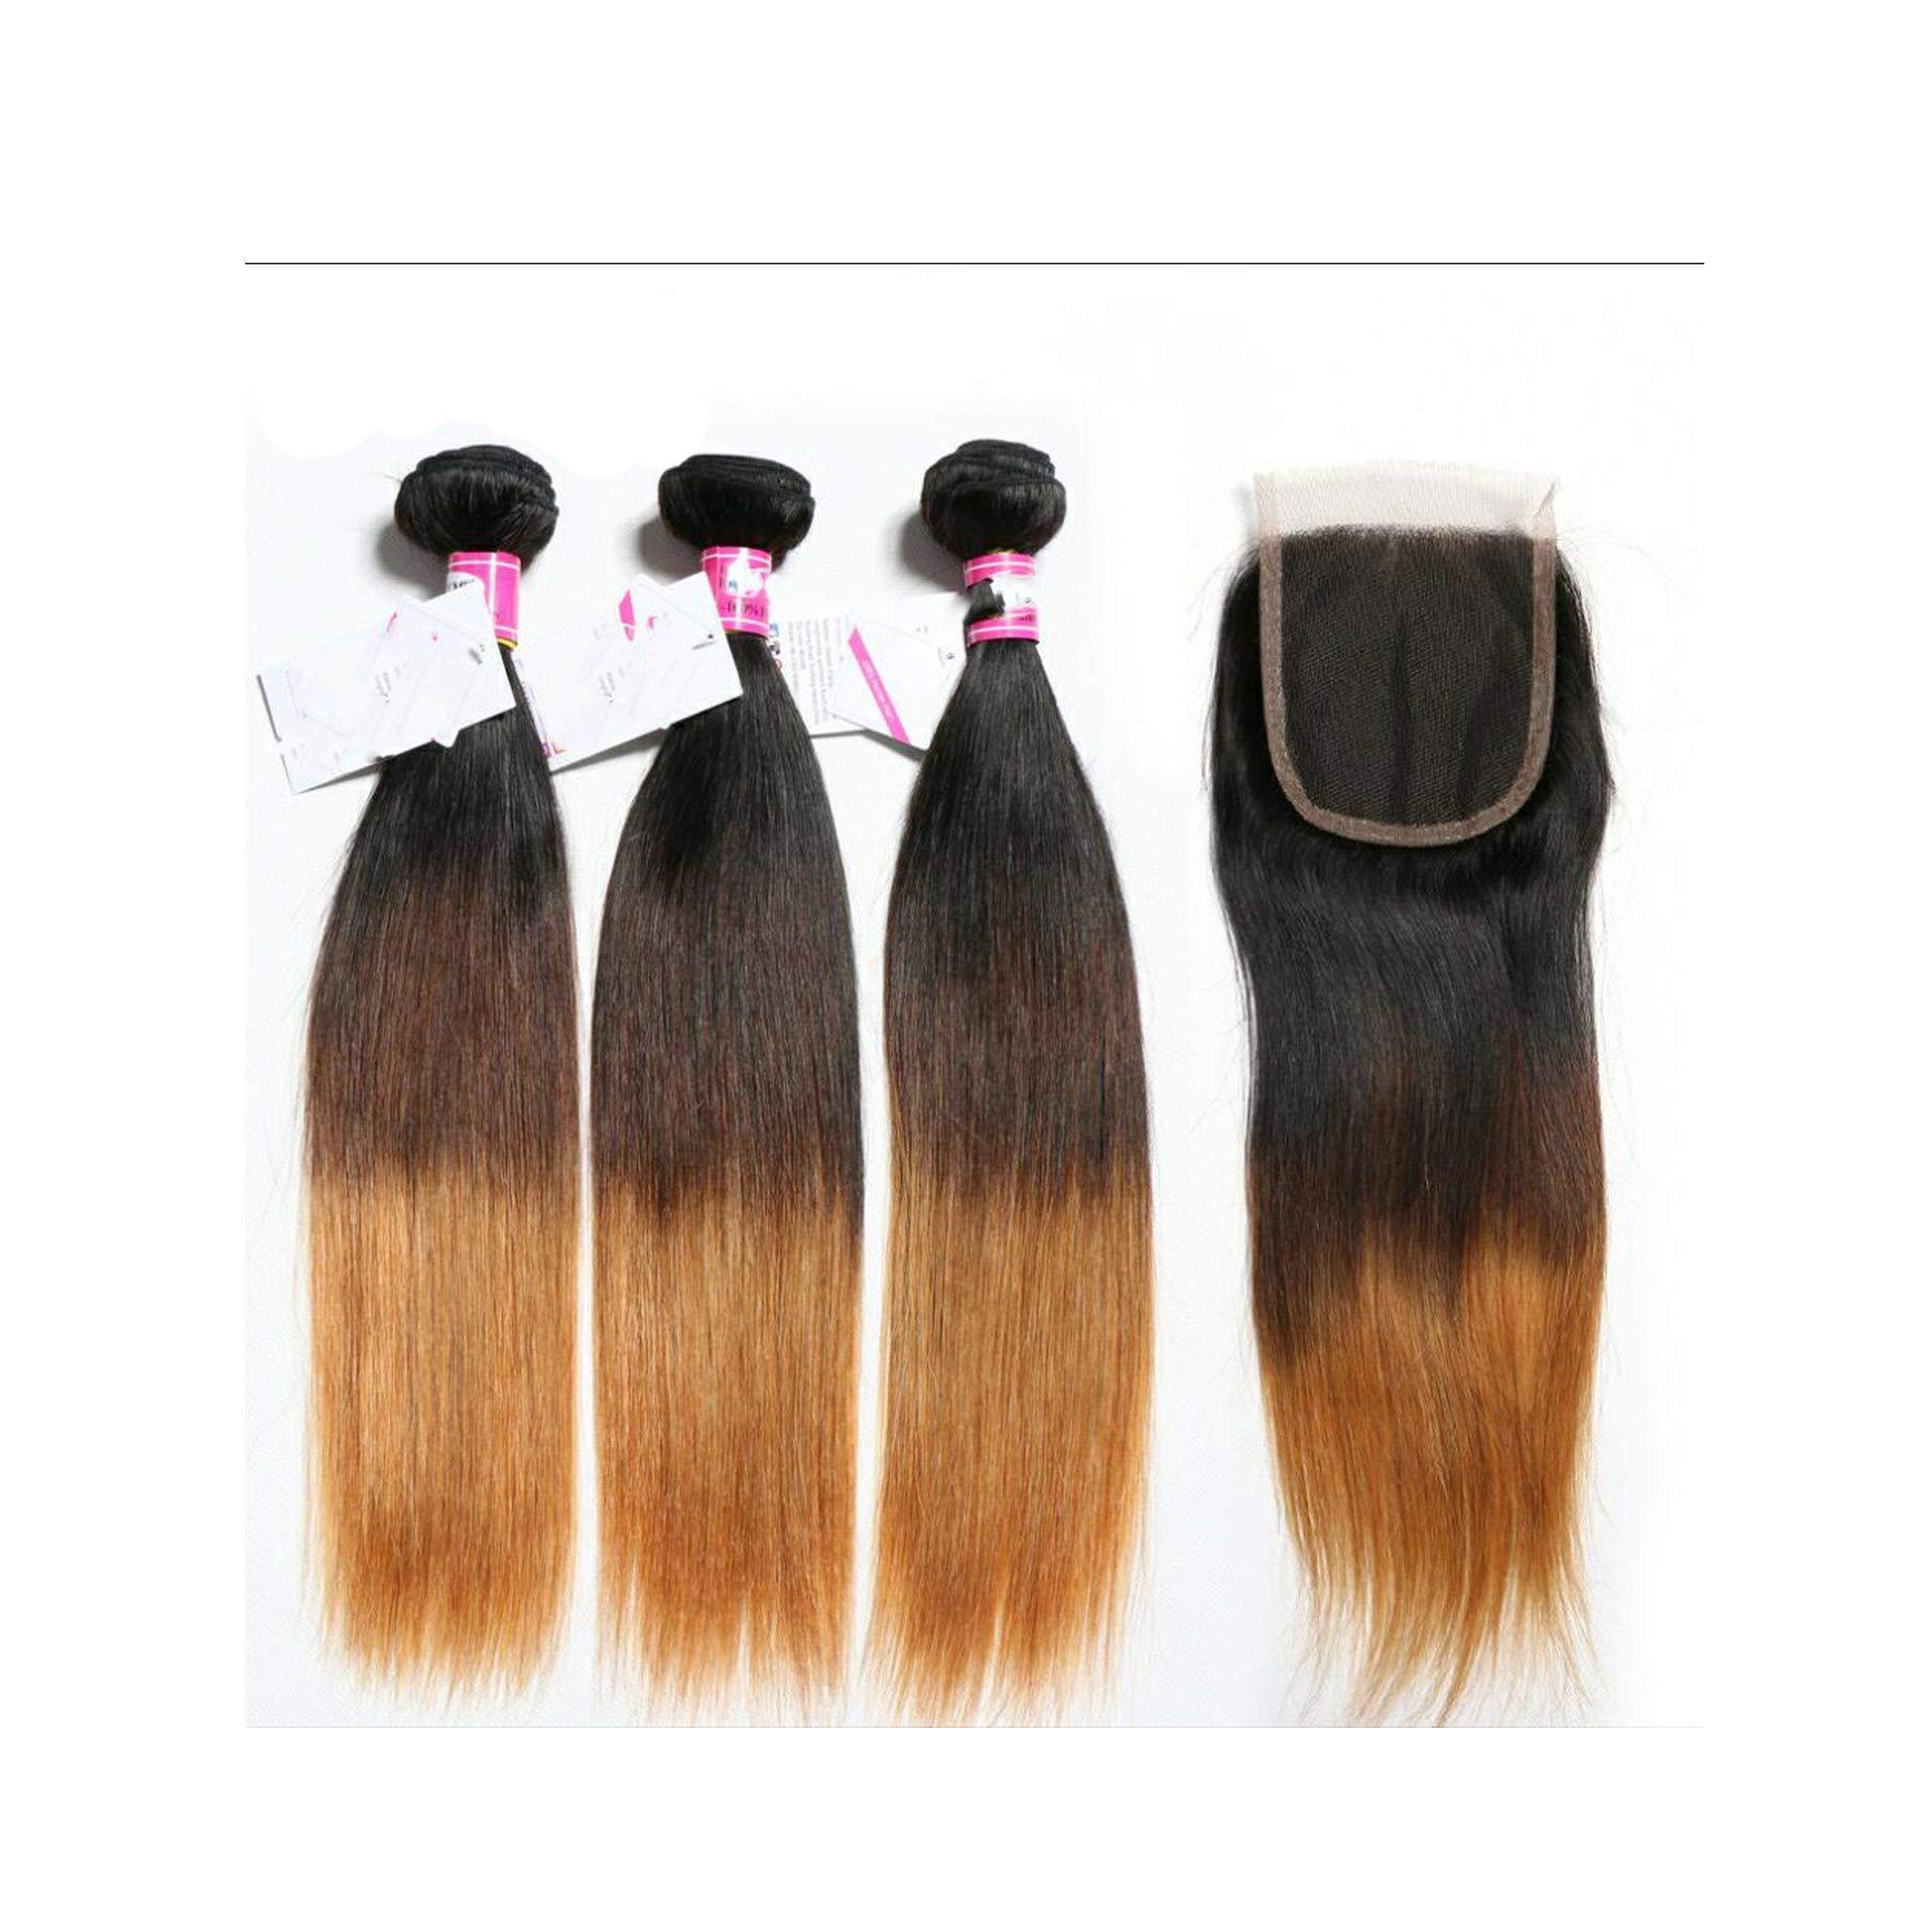 3 Bundles Brazilian Straight Human Hair Bundles With Closure Weave 1b/4/27 4x4 Free Part Remy Blonde Lace Closure Little cute shop,18 18 20 & Closure16,T1B/4/30,Middle Part